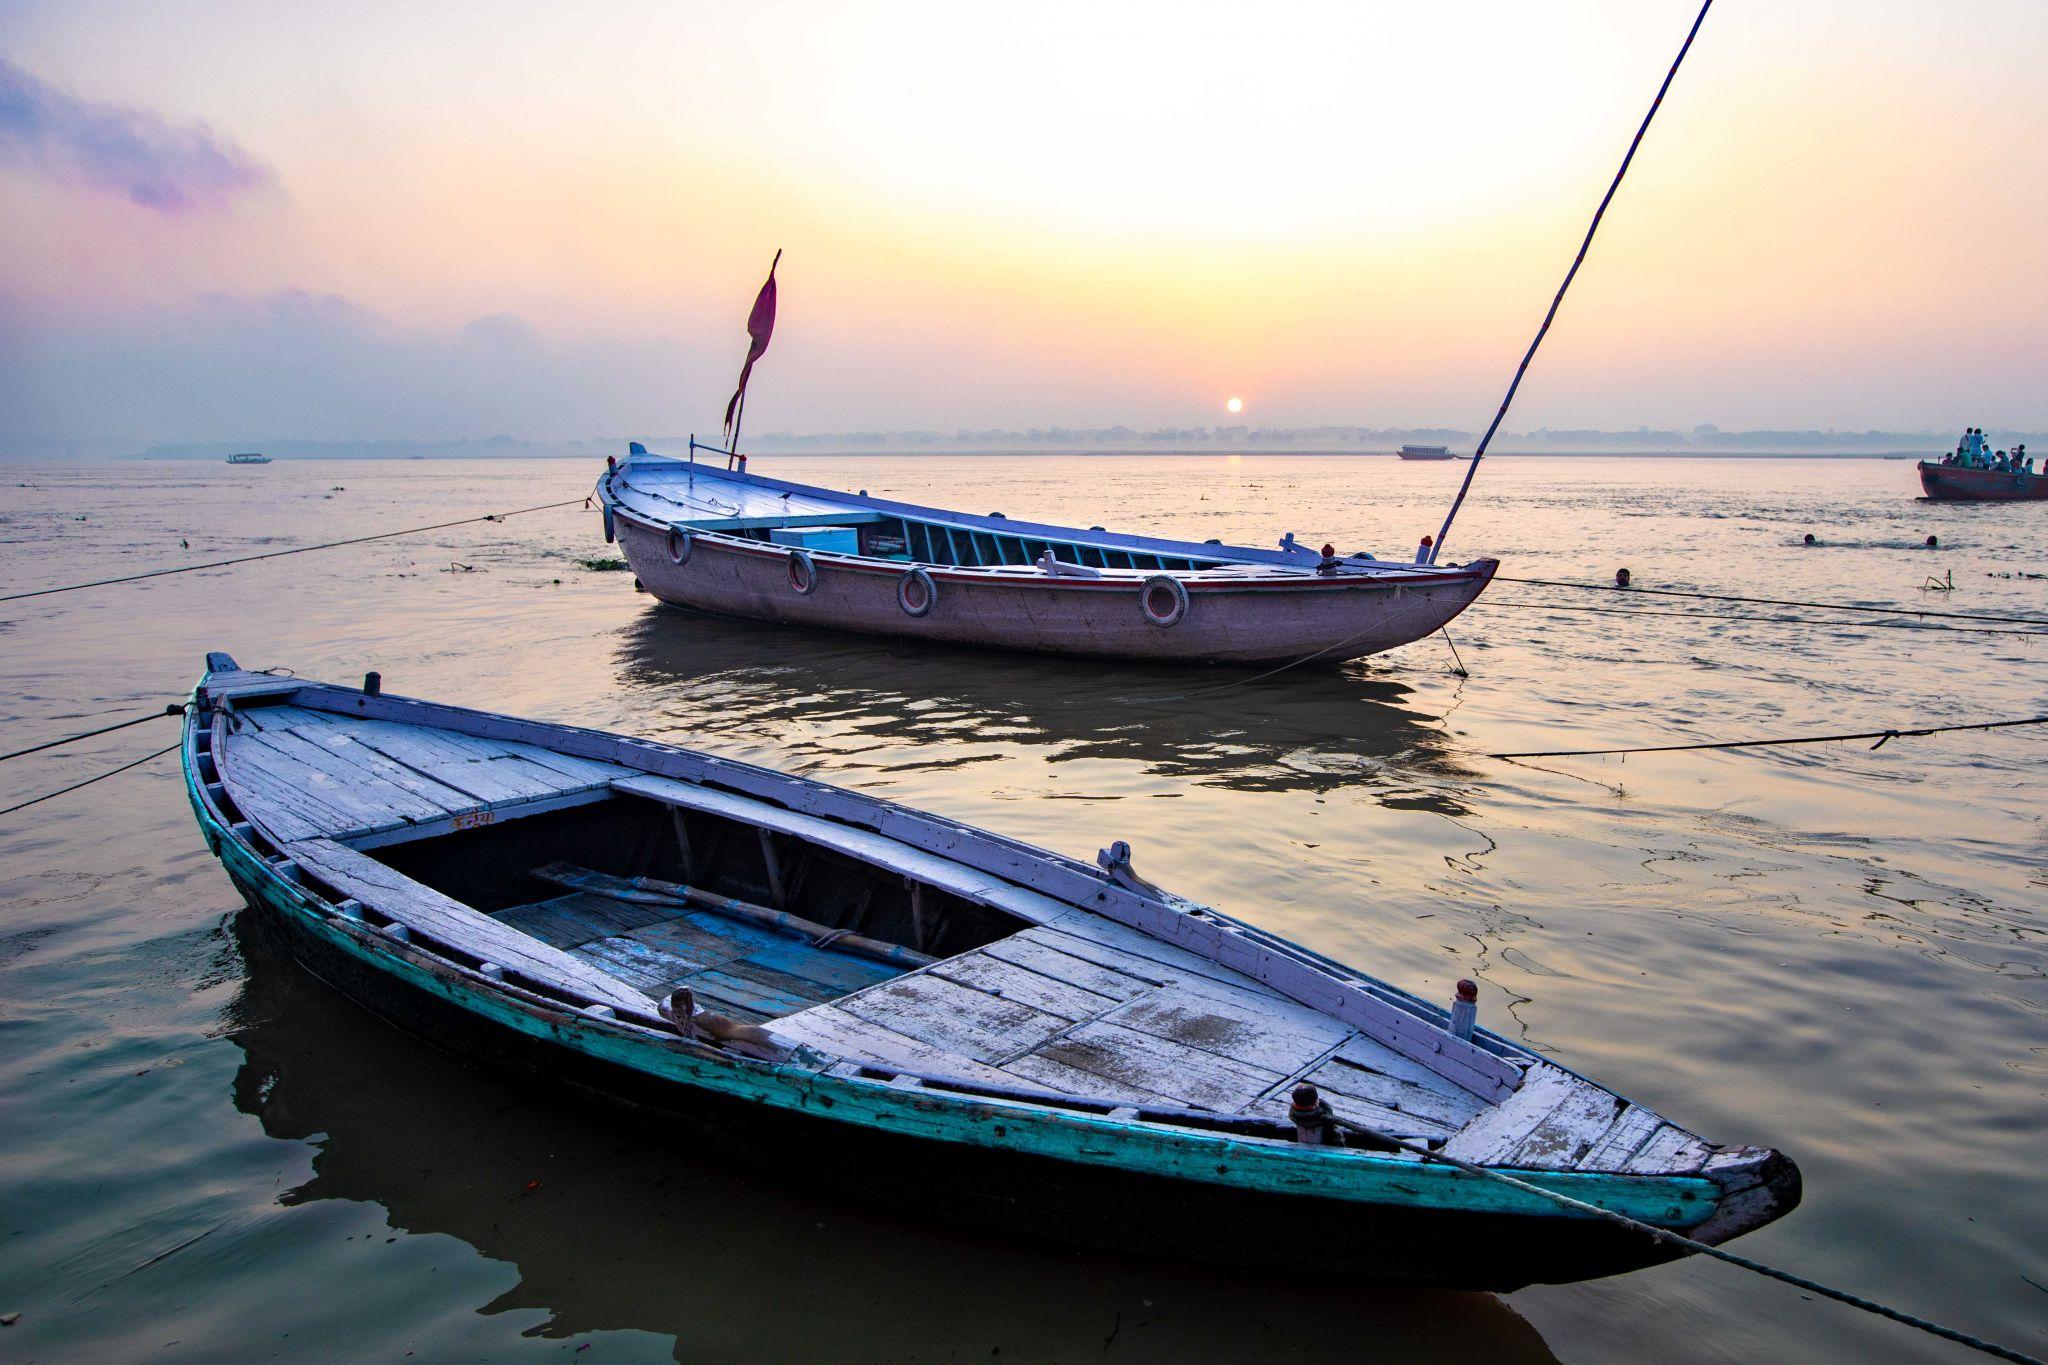 Boats on the Ganges at sunrise Varanasi, India